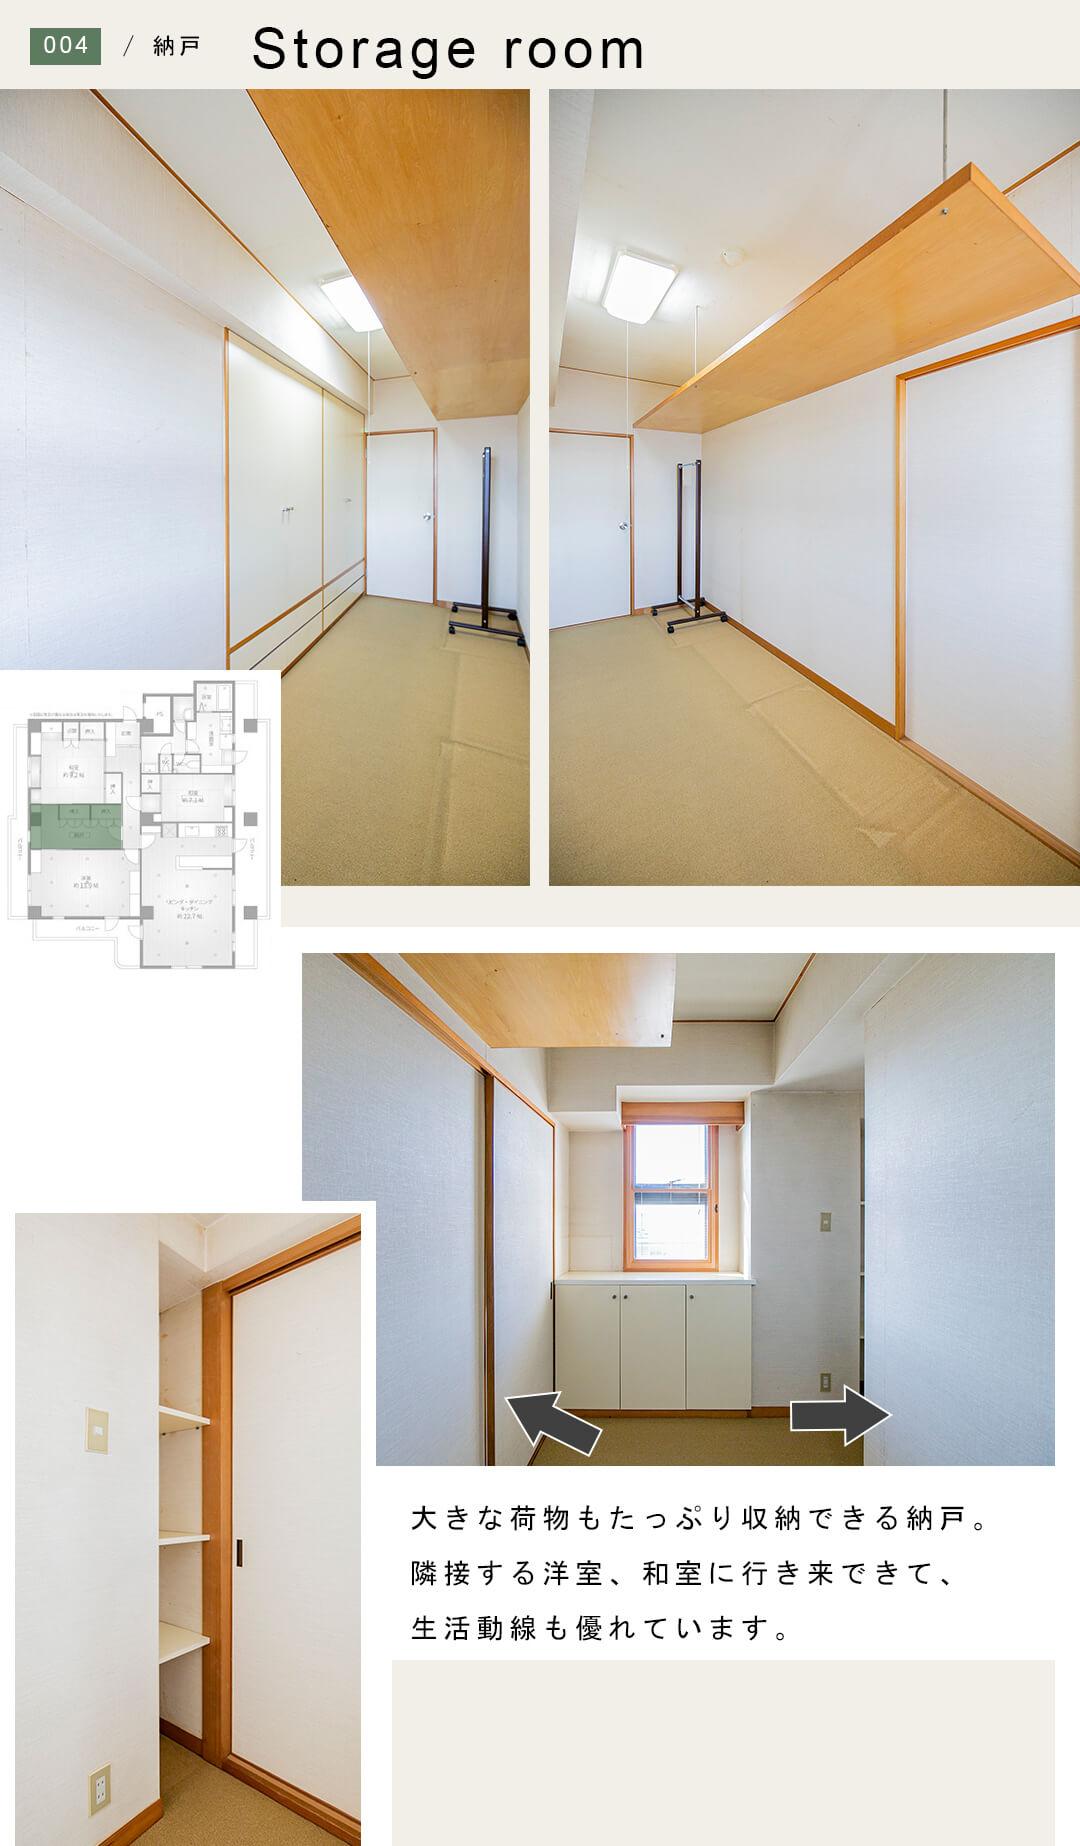 パールグリーン新宿の納戸